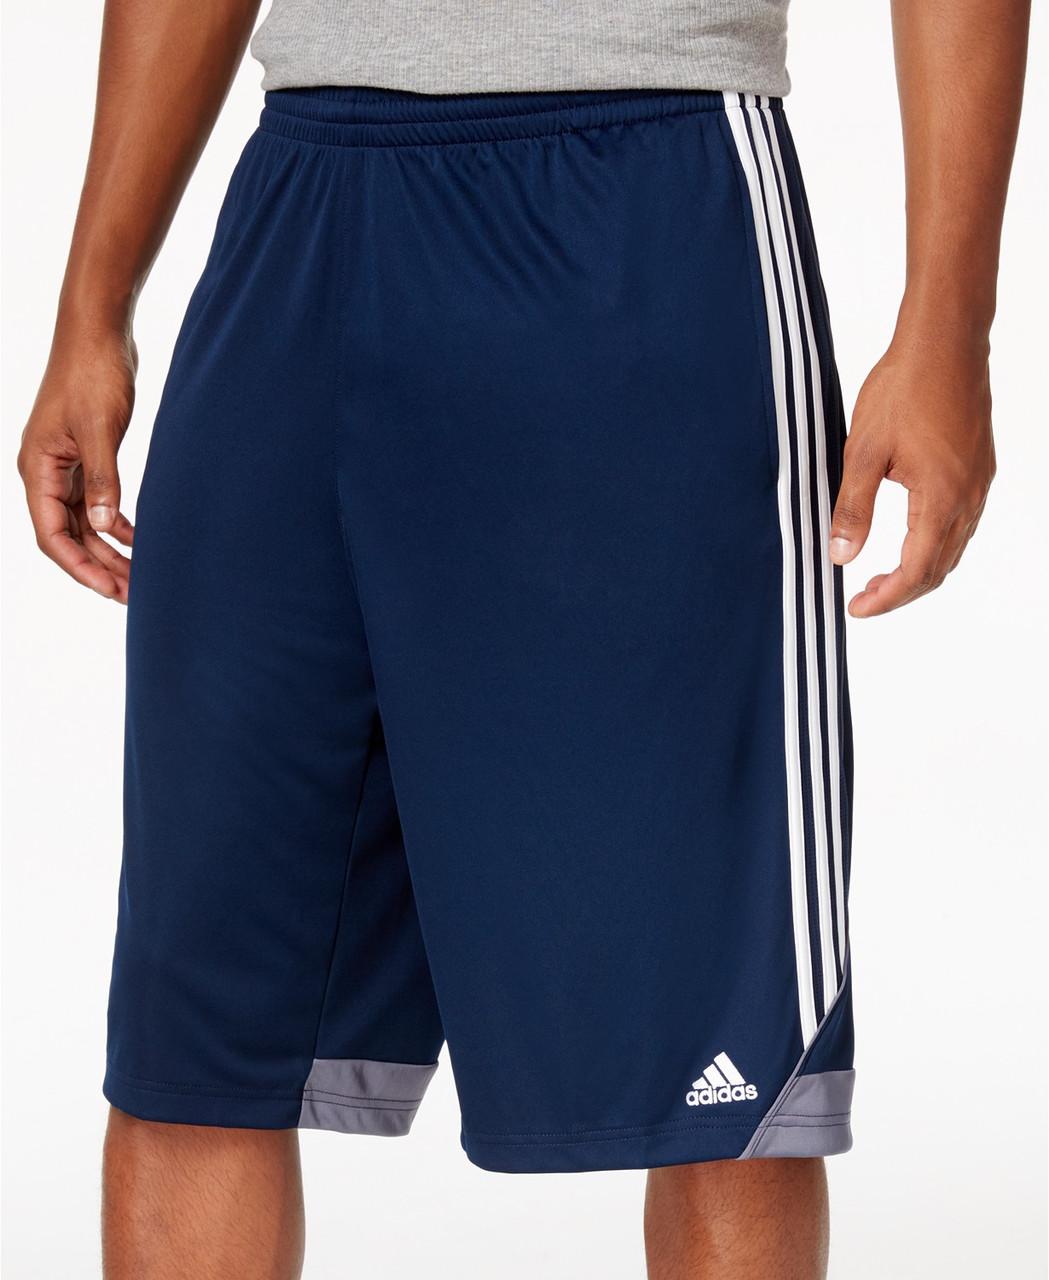 Аdidas Originals Спортивные мужские шорты - Е2